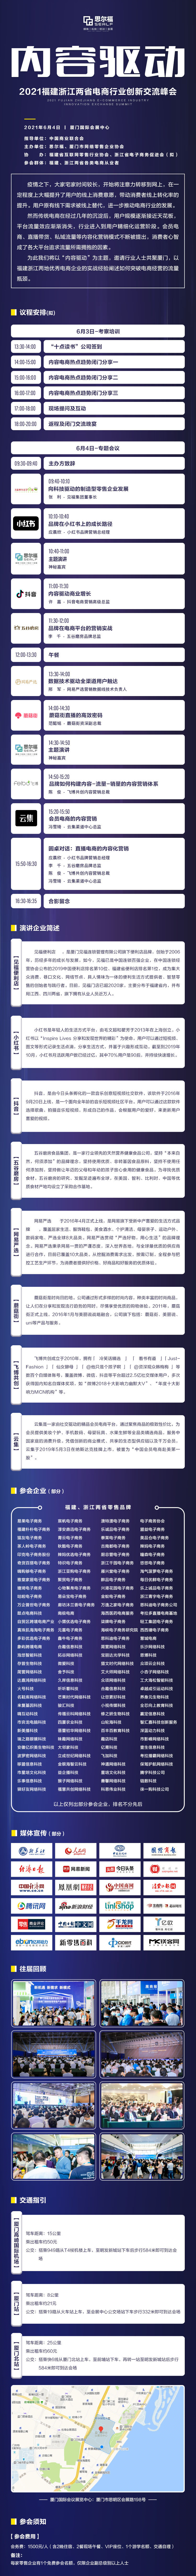 2021福建浙江两省电商行业创新交流峰会